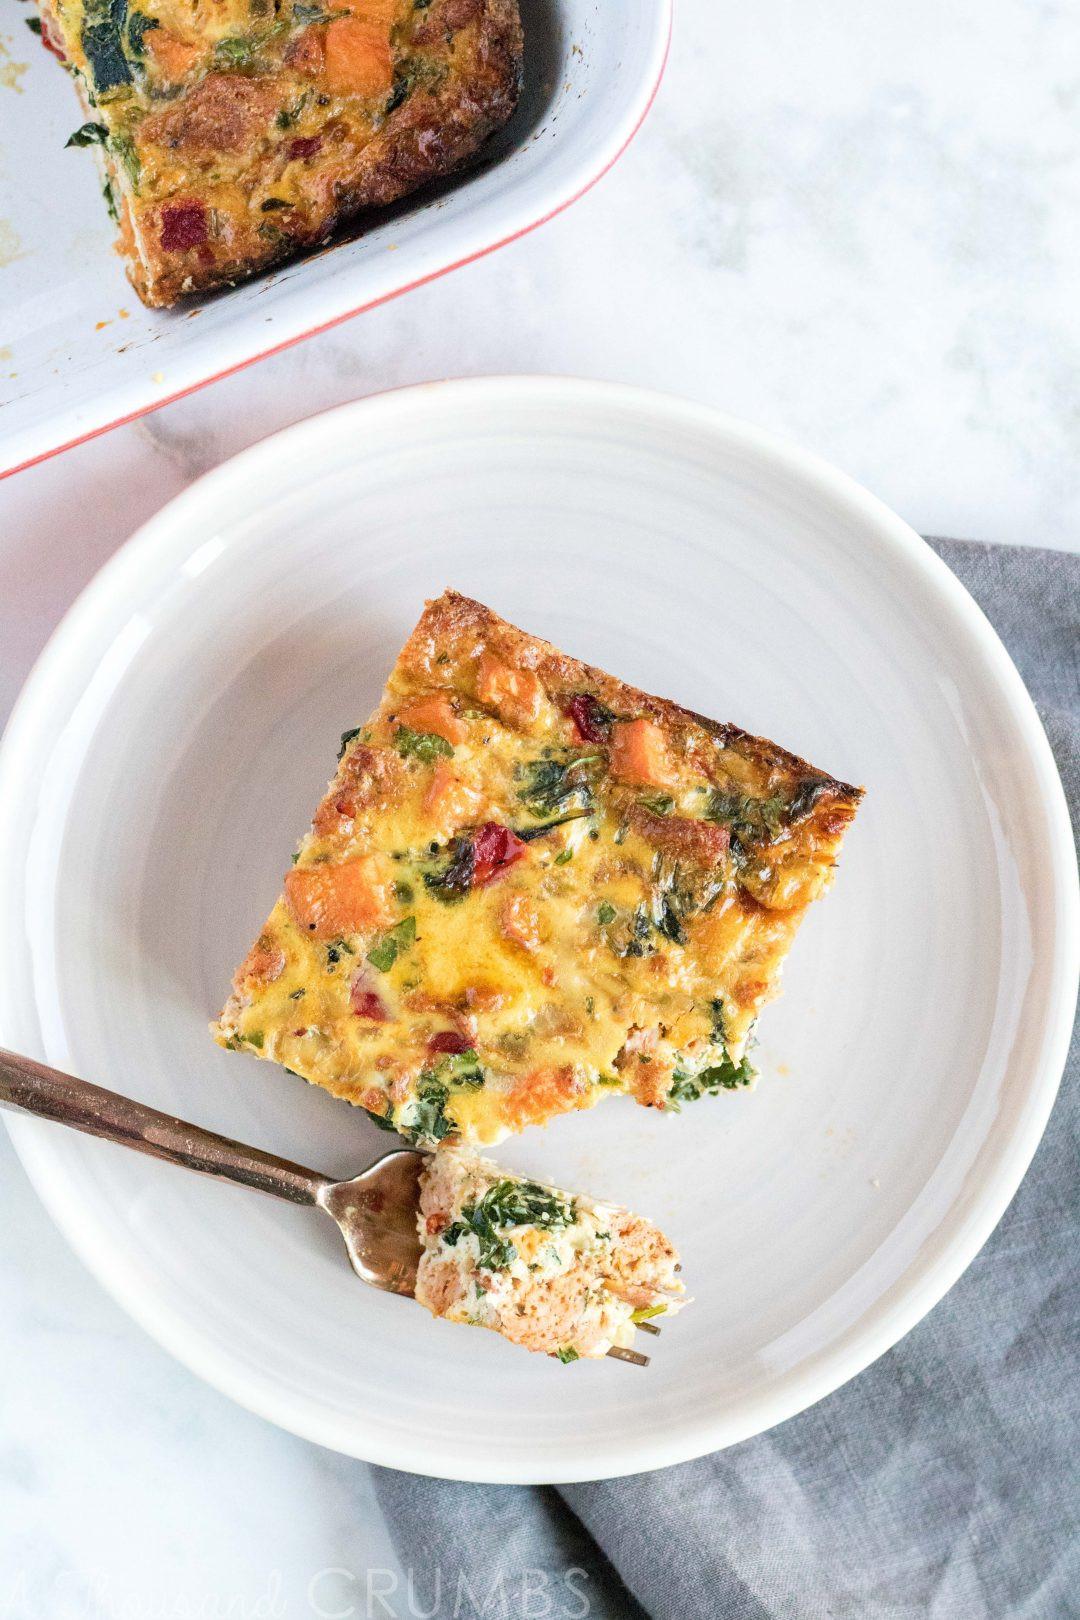 Make Ahead Breakfast Casserole Healthy  Make Ahead Healthy Breakfast Casserole from A Thousand Crumbs